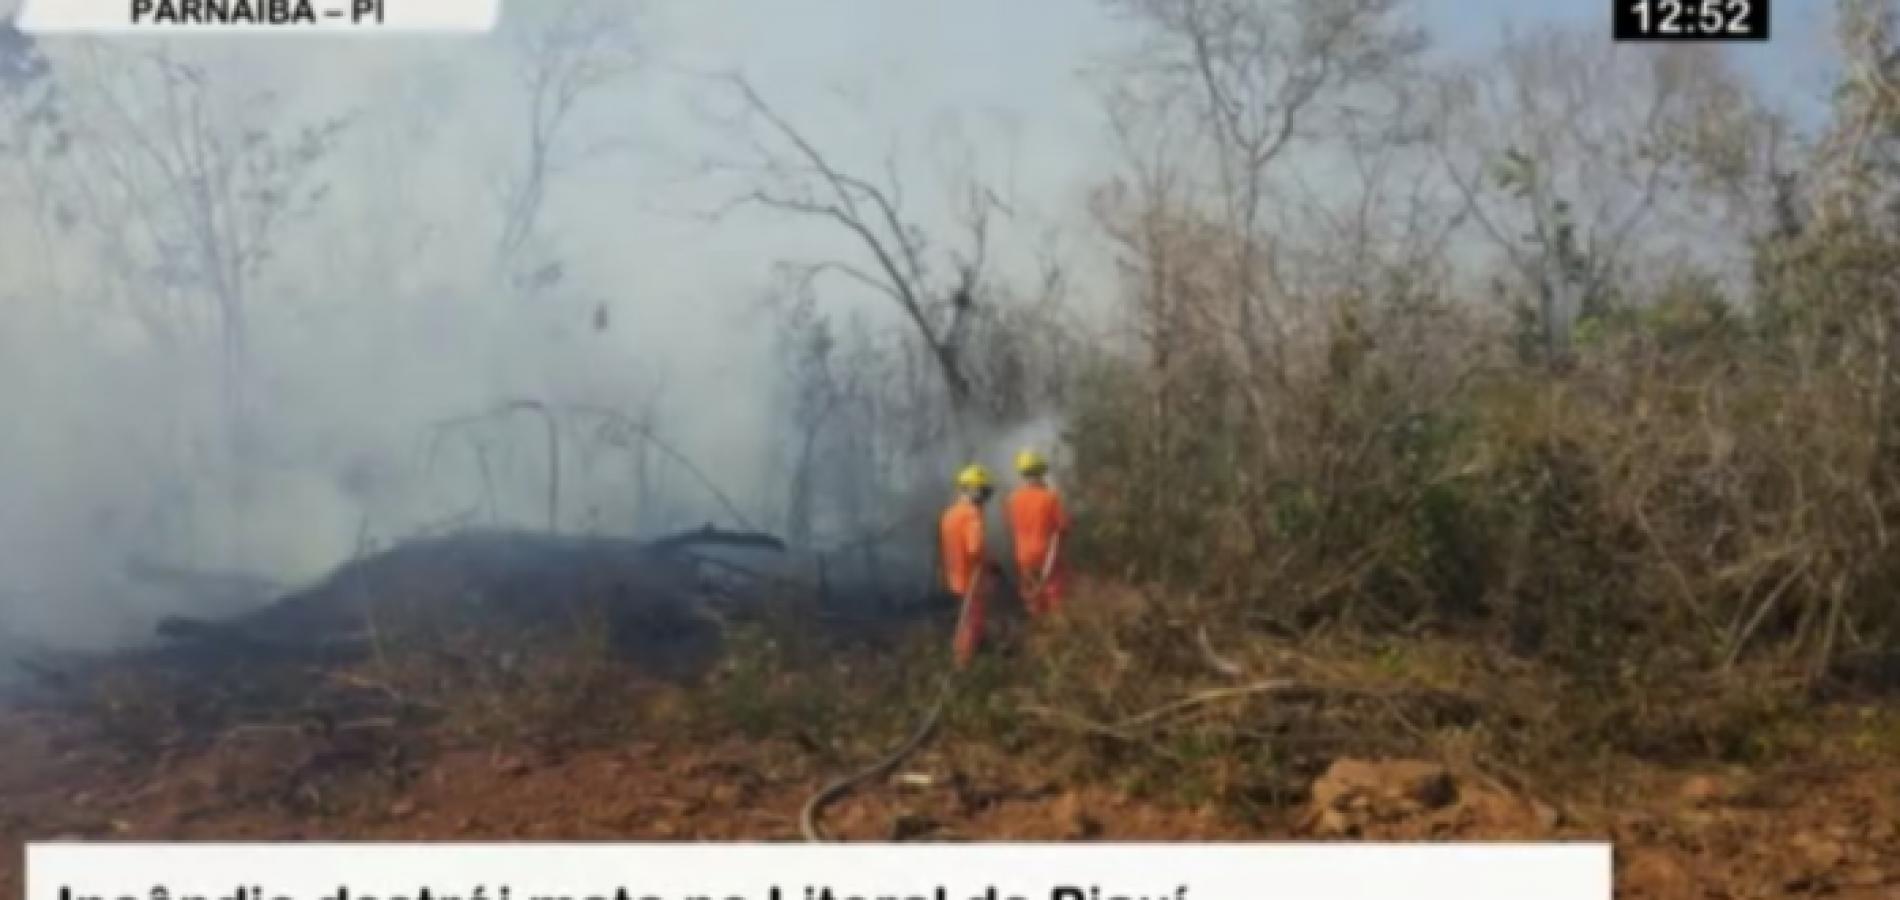 Incêndio já dura 4 dias e ameaça Subestação de Energia no Piauí